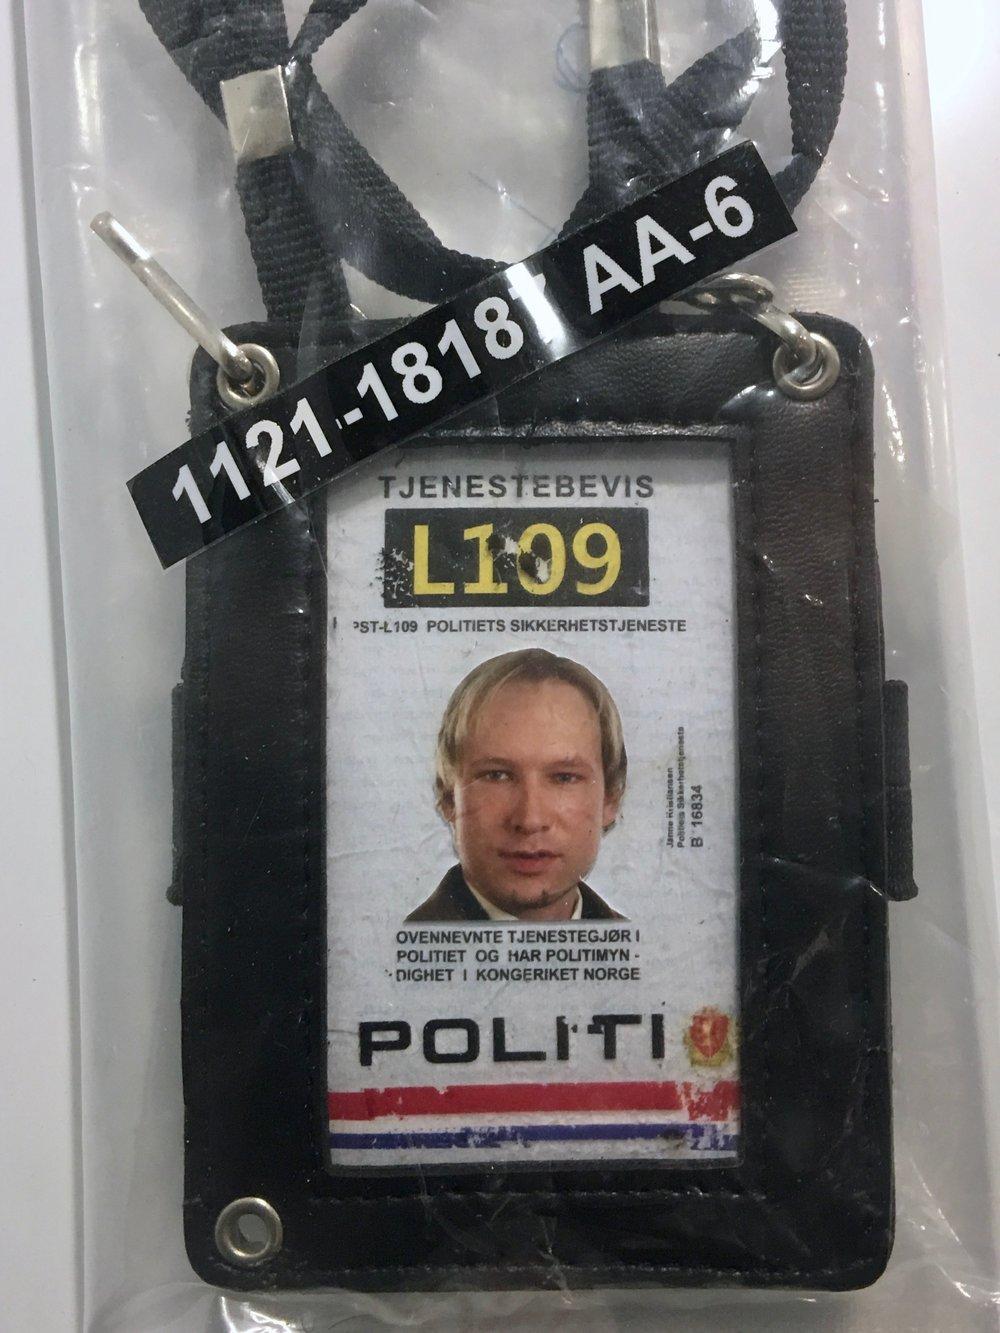 Terrorist Anders Behring Breivik's fake police ID